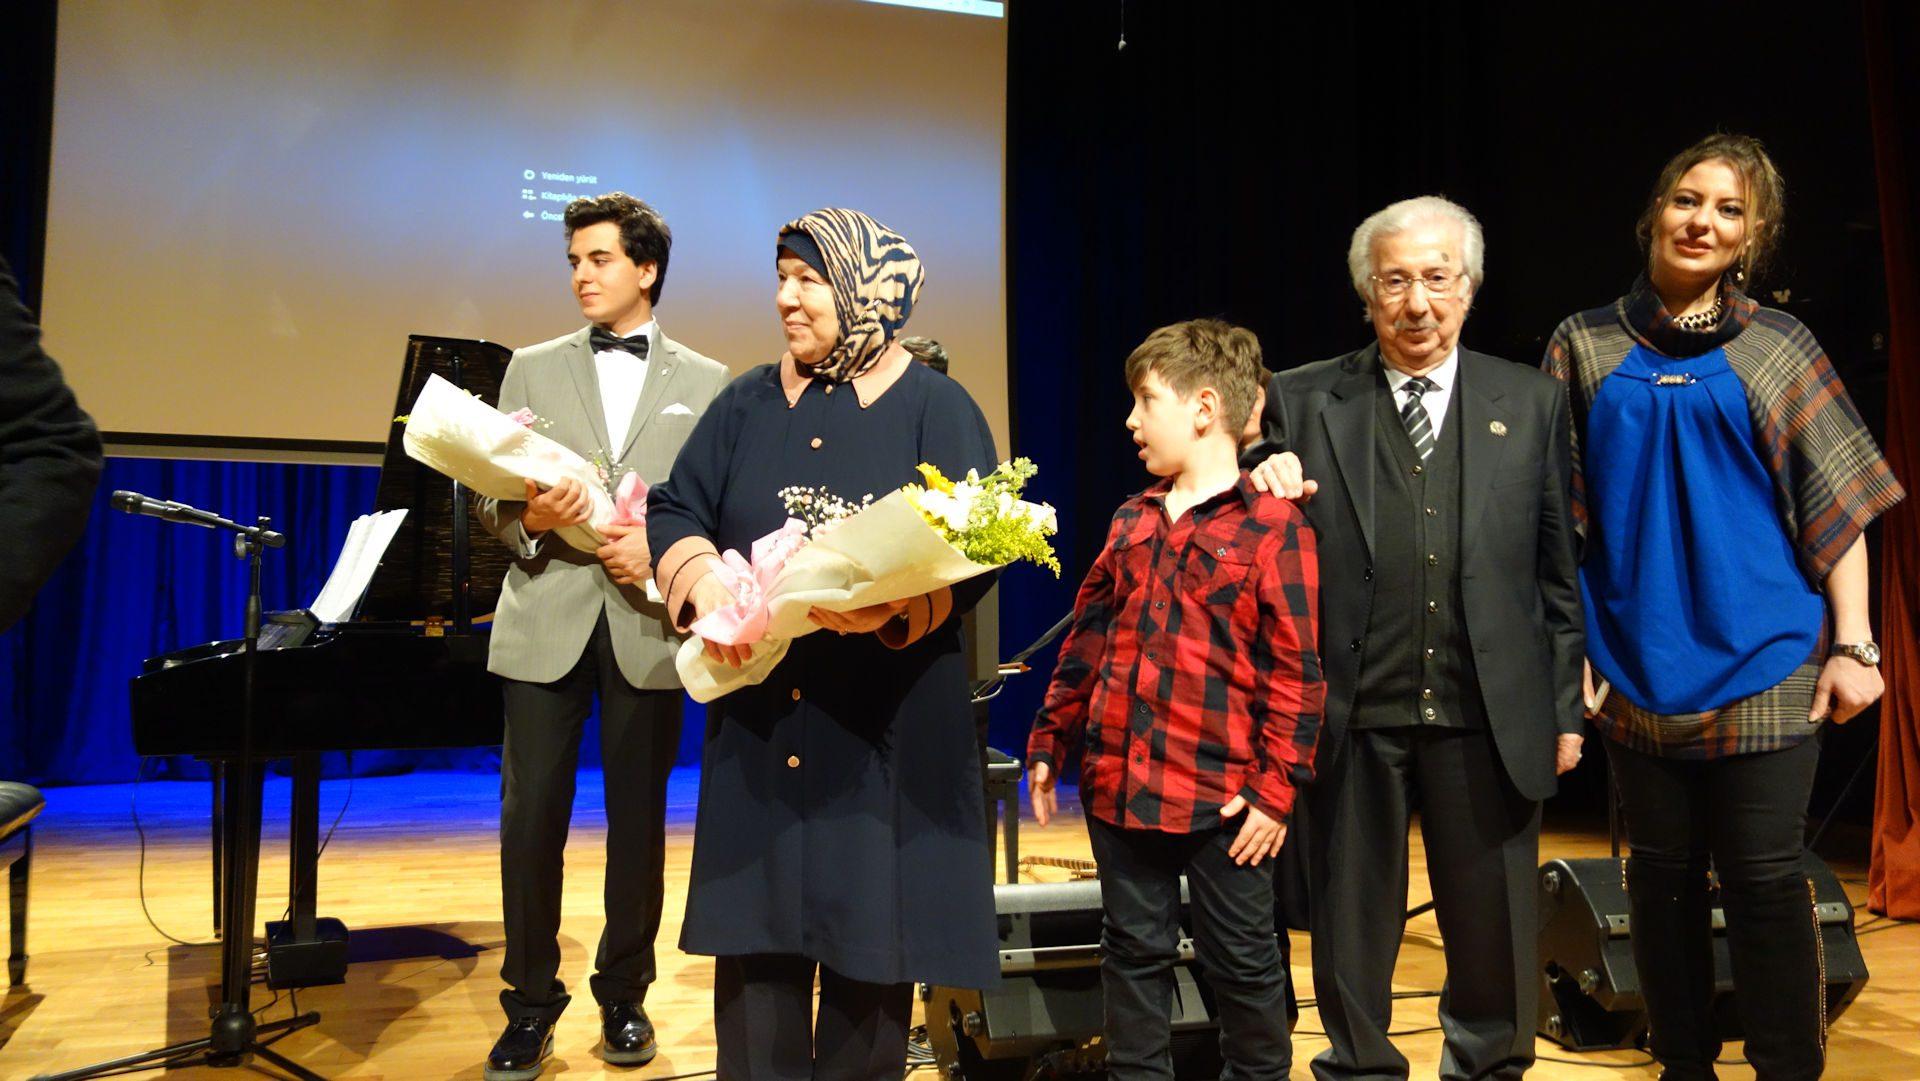 45. Sultan 2. Abdülhamid Dönemi Eserleri Ve Müzikleri Tanıtımı Konseri Eyüp Kültür Merkezi Piyano Yaylı Bendir Solist Tambur Piyano PiyanoTürk. Piyanist Güneş Yakartepe 23